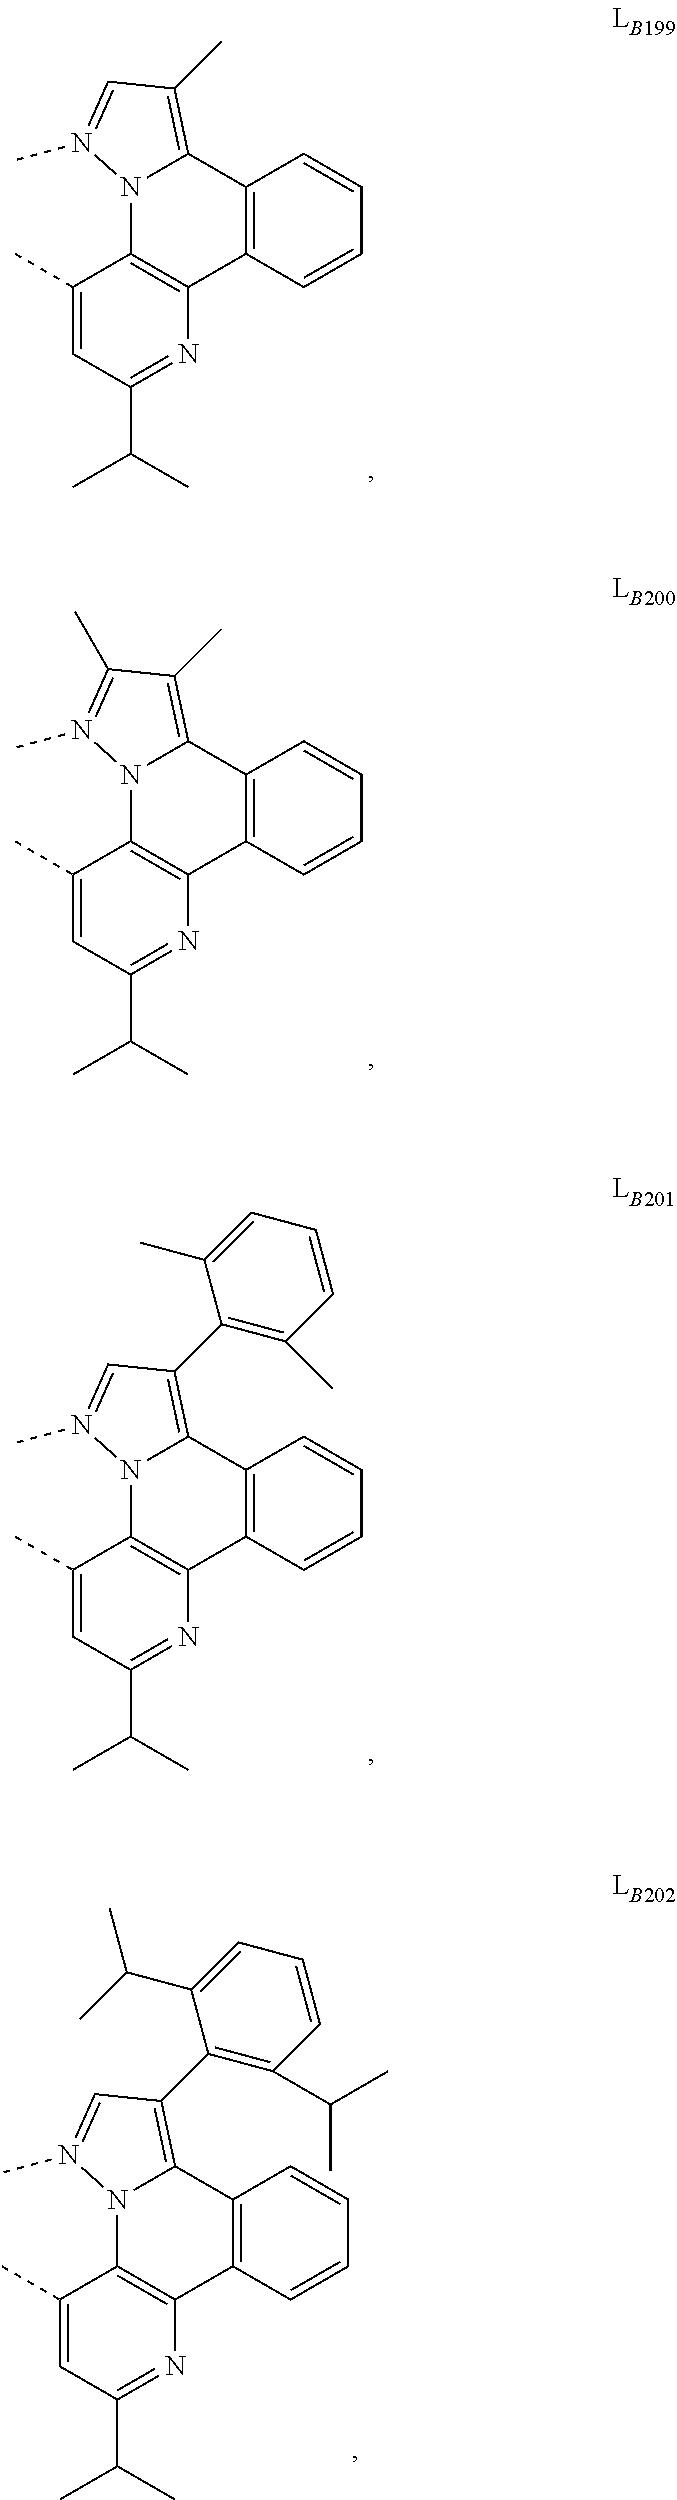 Figure US09905785-20180227-C00602